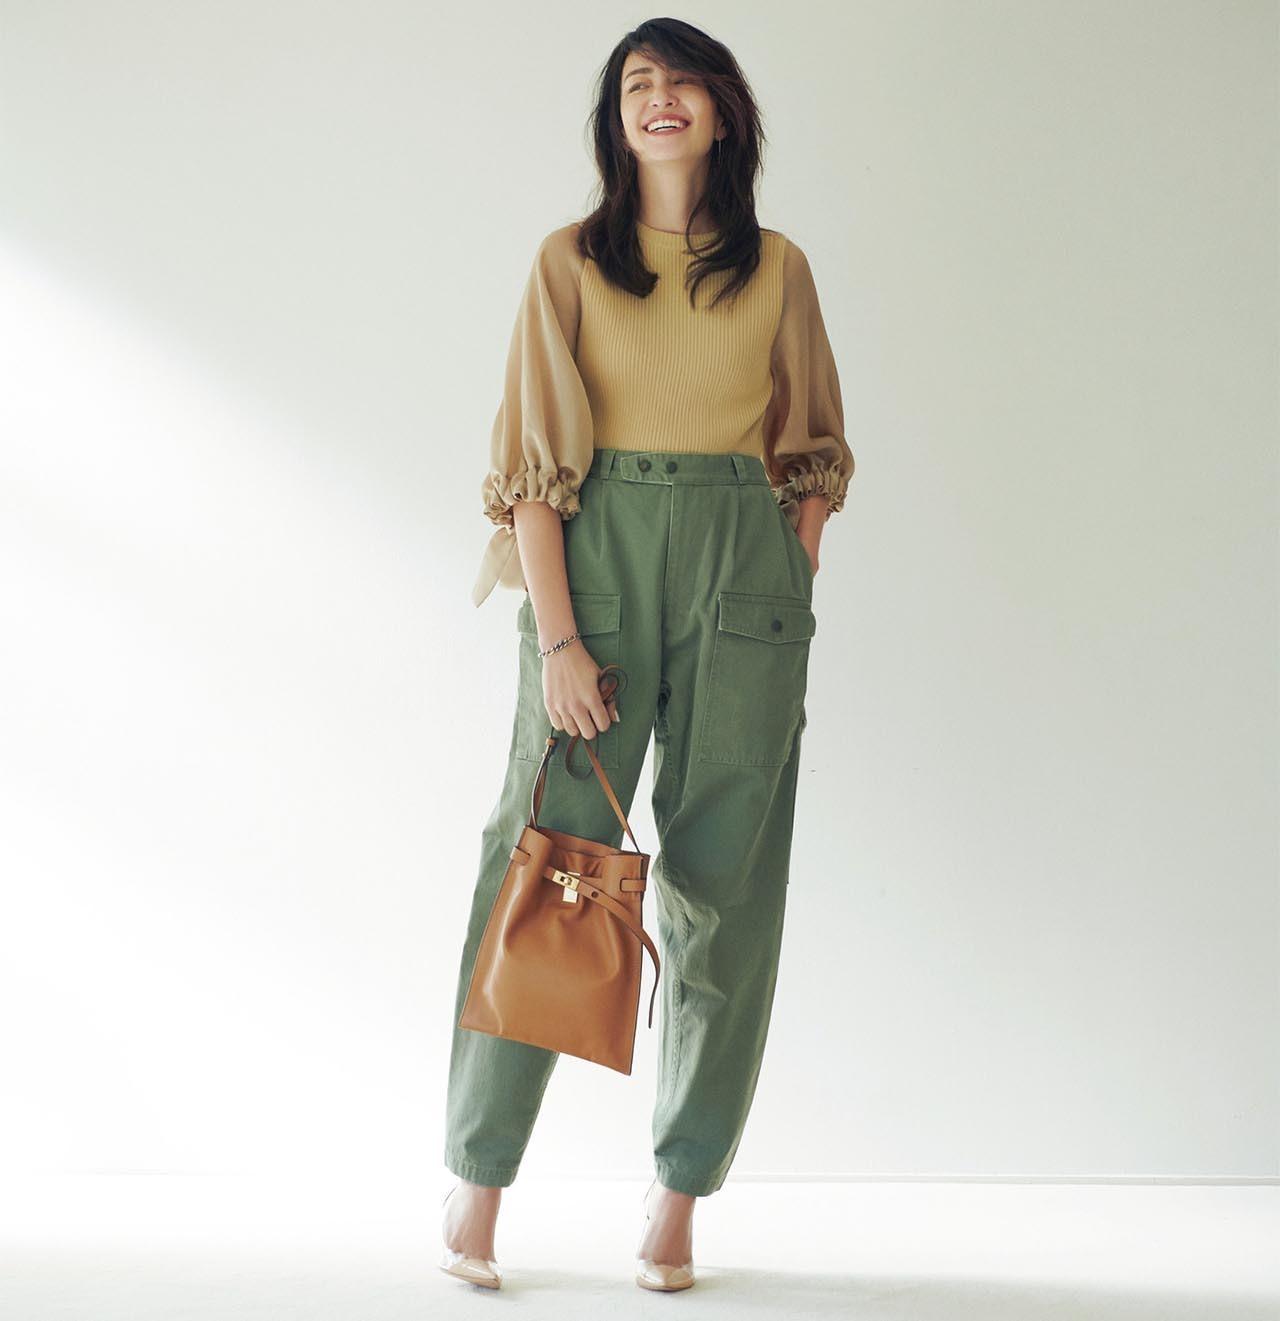 ボリュームスリーブニット×カーゴパンツコーデを着たモデルのRINAさん